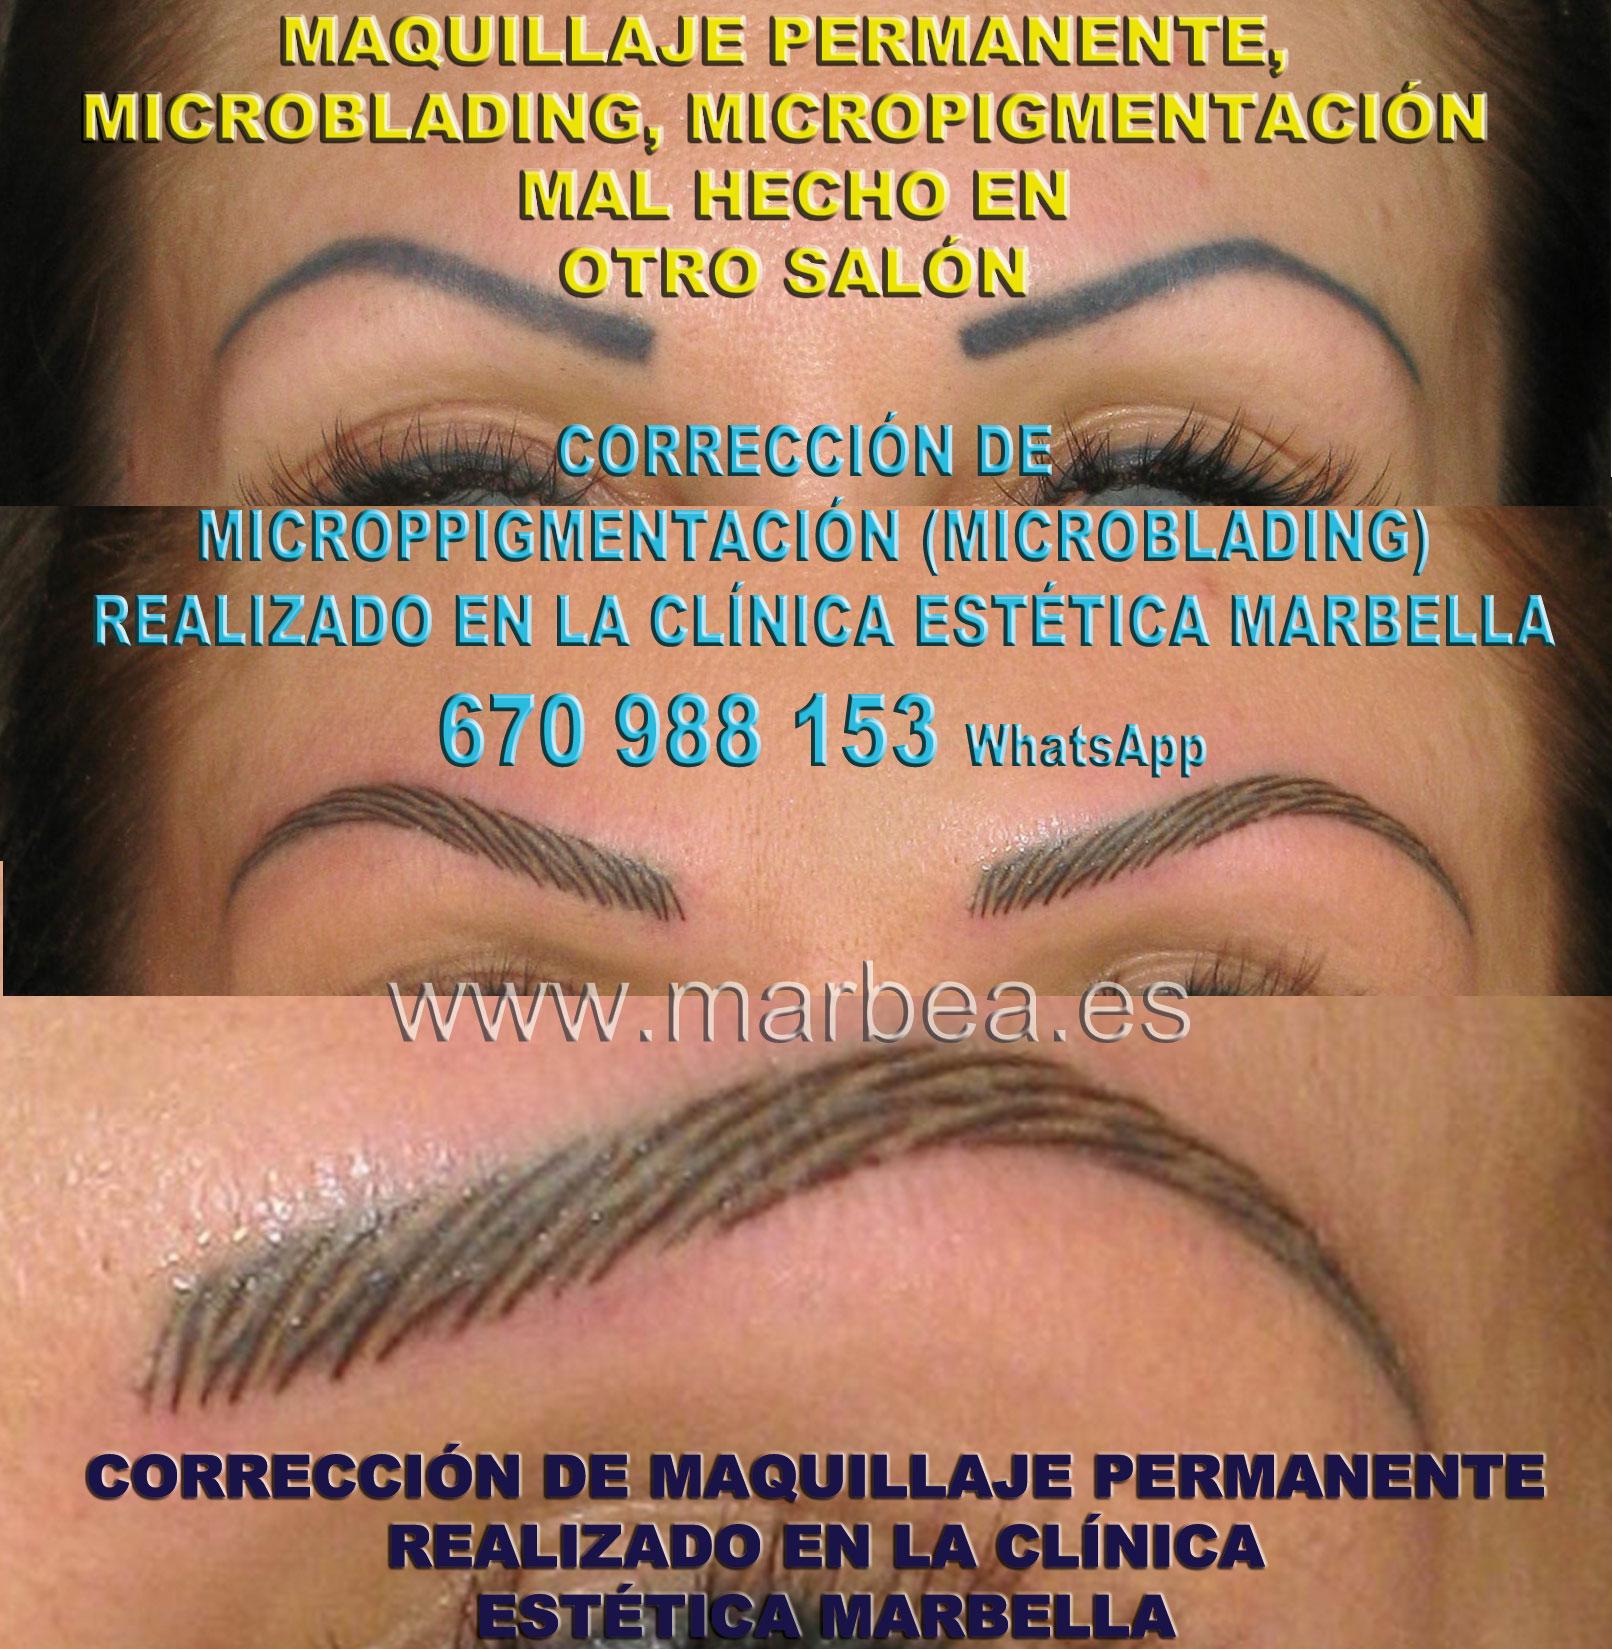 MAQUILLAJE PERMANENTE CEJAS MAL HECHO clínica estética tatuaje ofrece micropigmentacion correctiva de cejas,corregir micropigmentación no deseada